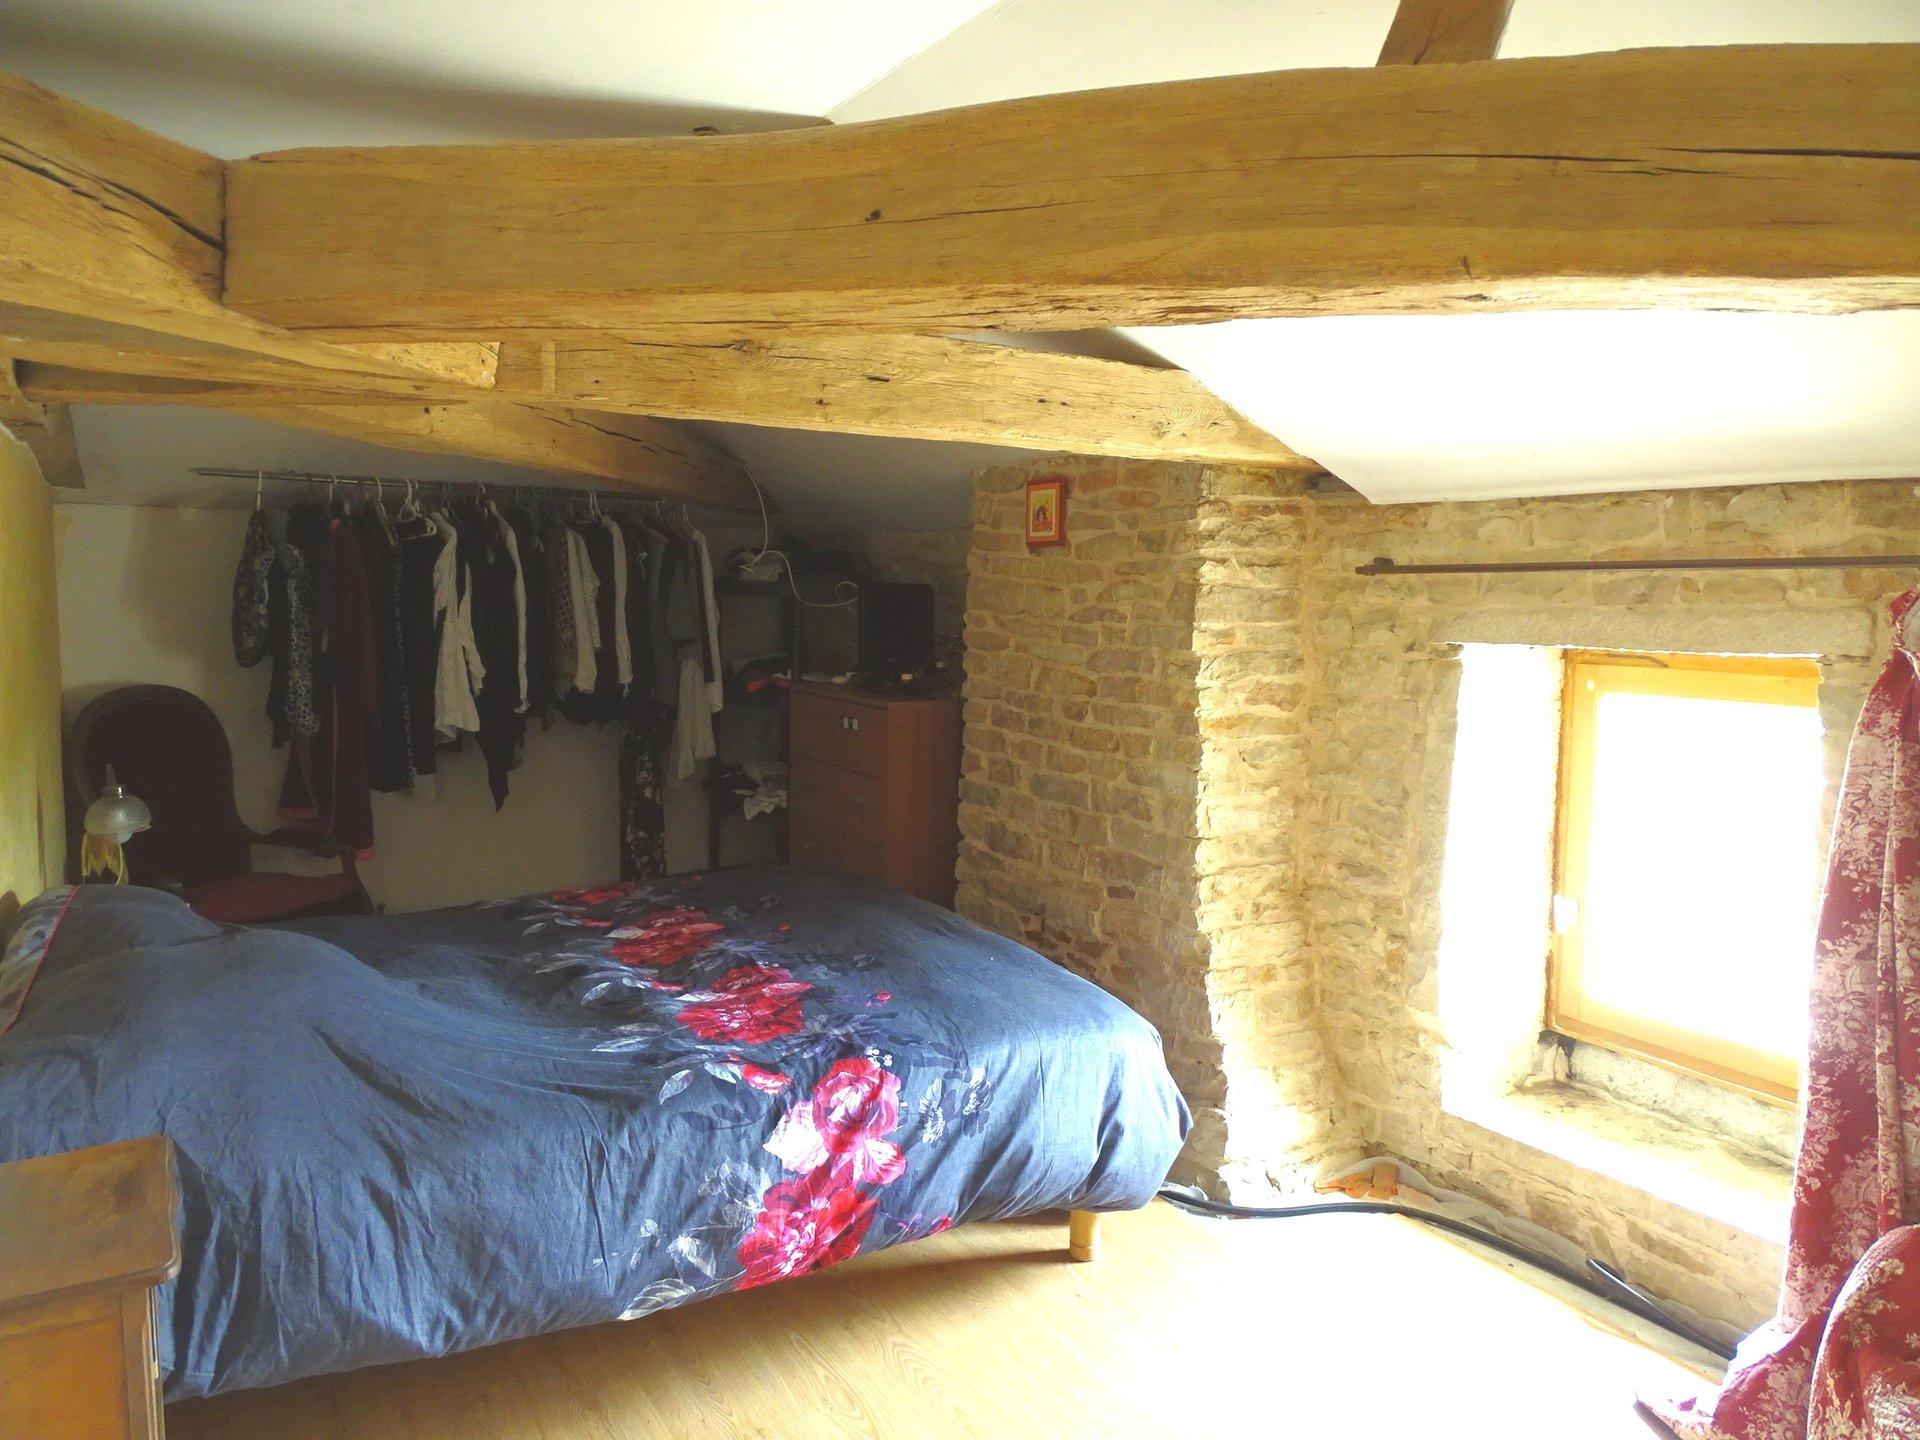 SOUS COMPROMIS ! Venez découvrir cette belle maison en pierre d?une surface de 93 m2 avec cour intérieure et terrasse couverte. Elle se compose d?une belle pièce de vie avec pierre apparente, d?une cuisine avec ses authentiques tommettes au sol. D?une salle de bain avec toilette. L?étage se compose de 3 chambres, d?un dressing pouvant être réaménagé en salle d?eau, et un toilette.  Vous appréciez le charme de l?ancien à aménager selon vos goûts.  Cette maison sur sous-sol dispose de nombreux espaces de stockage, d?une cave. Un préau ainsi que deux granges complète se bien.  À découvrir sans tarder.  Honoraires à la charge du vendeur.